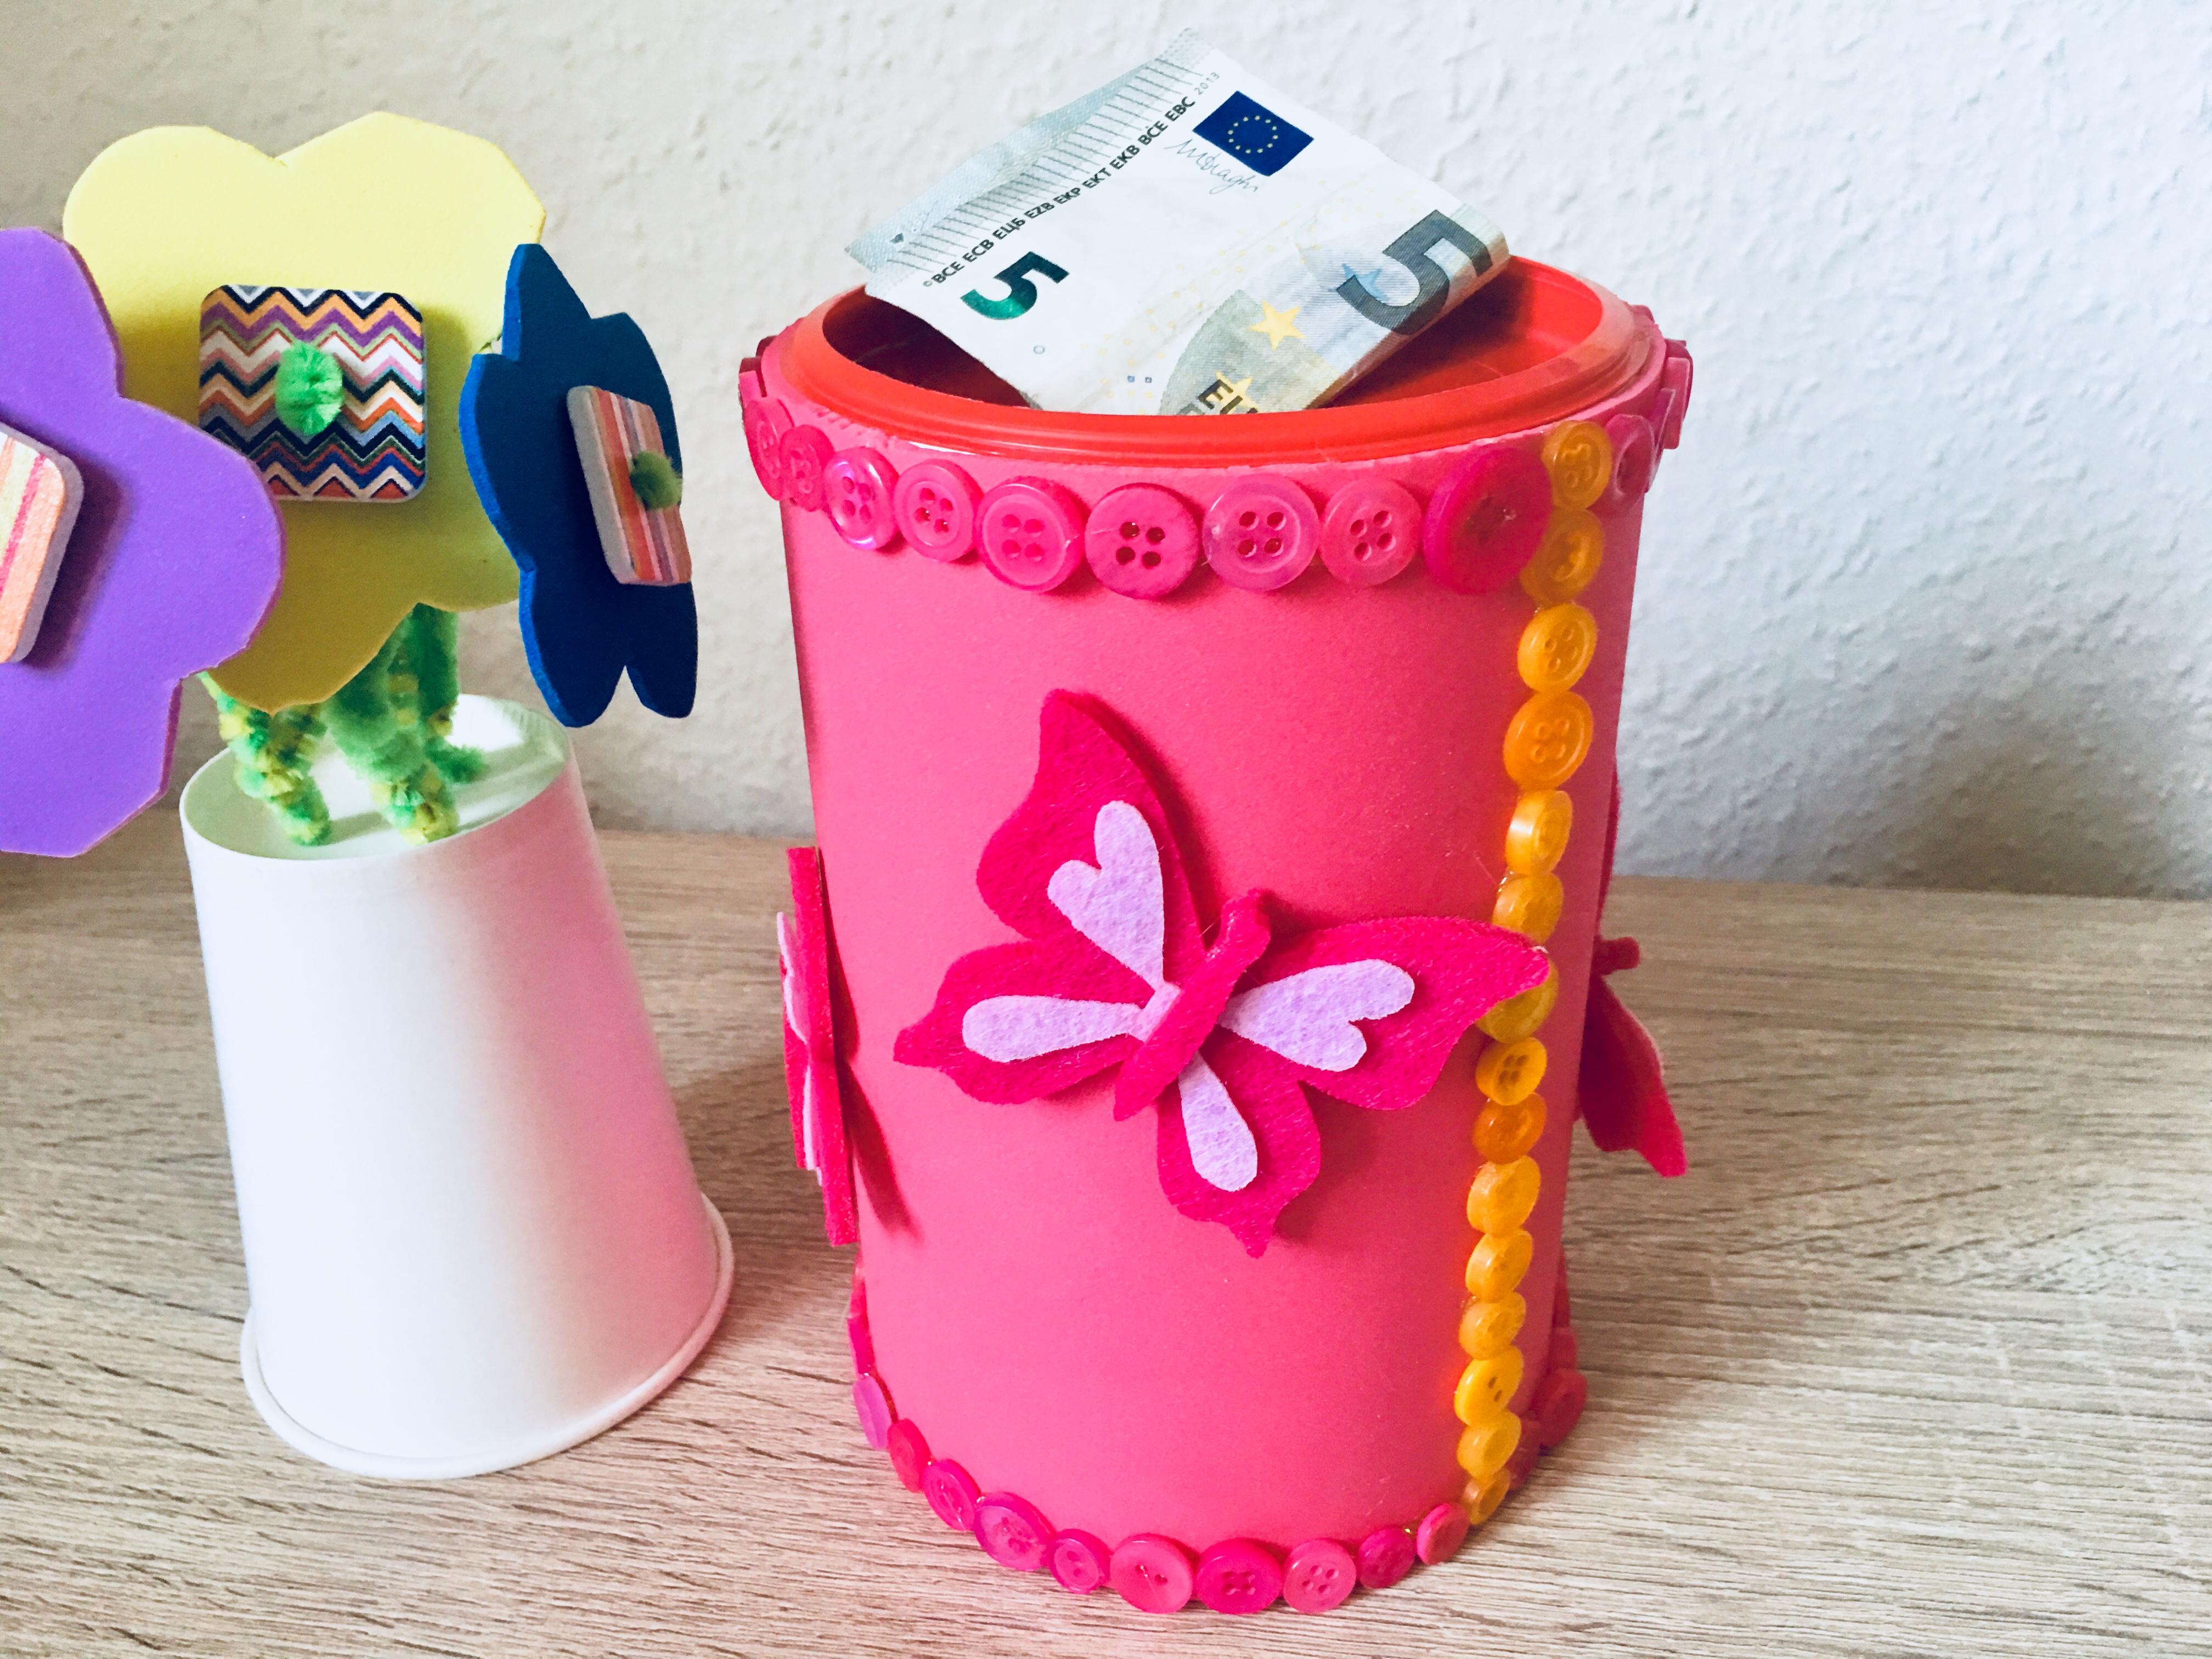 Hervorragend Spardose Basteln - Upcycling | Der Familienblog für kreative Eltern VS29